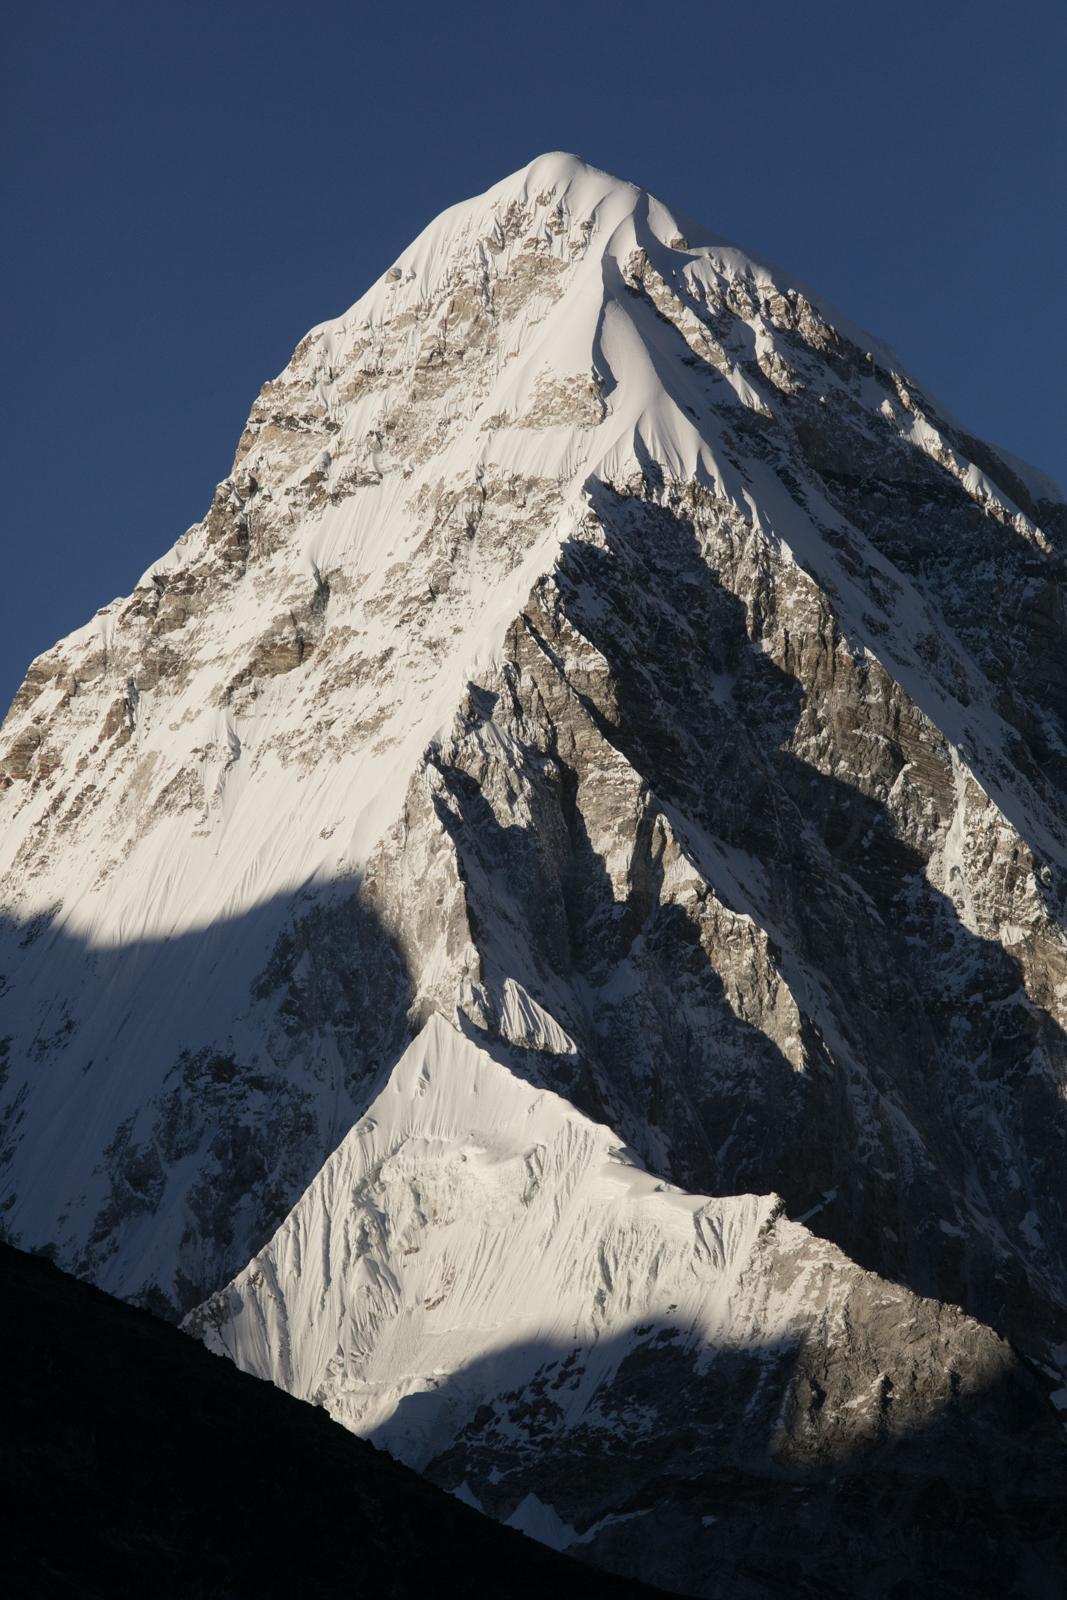 Pumori 7,161 m / 23,494 ft